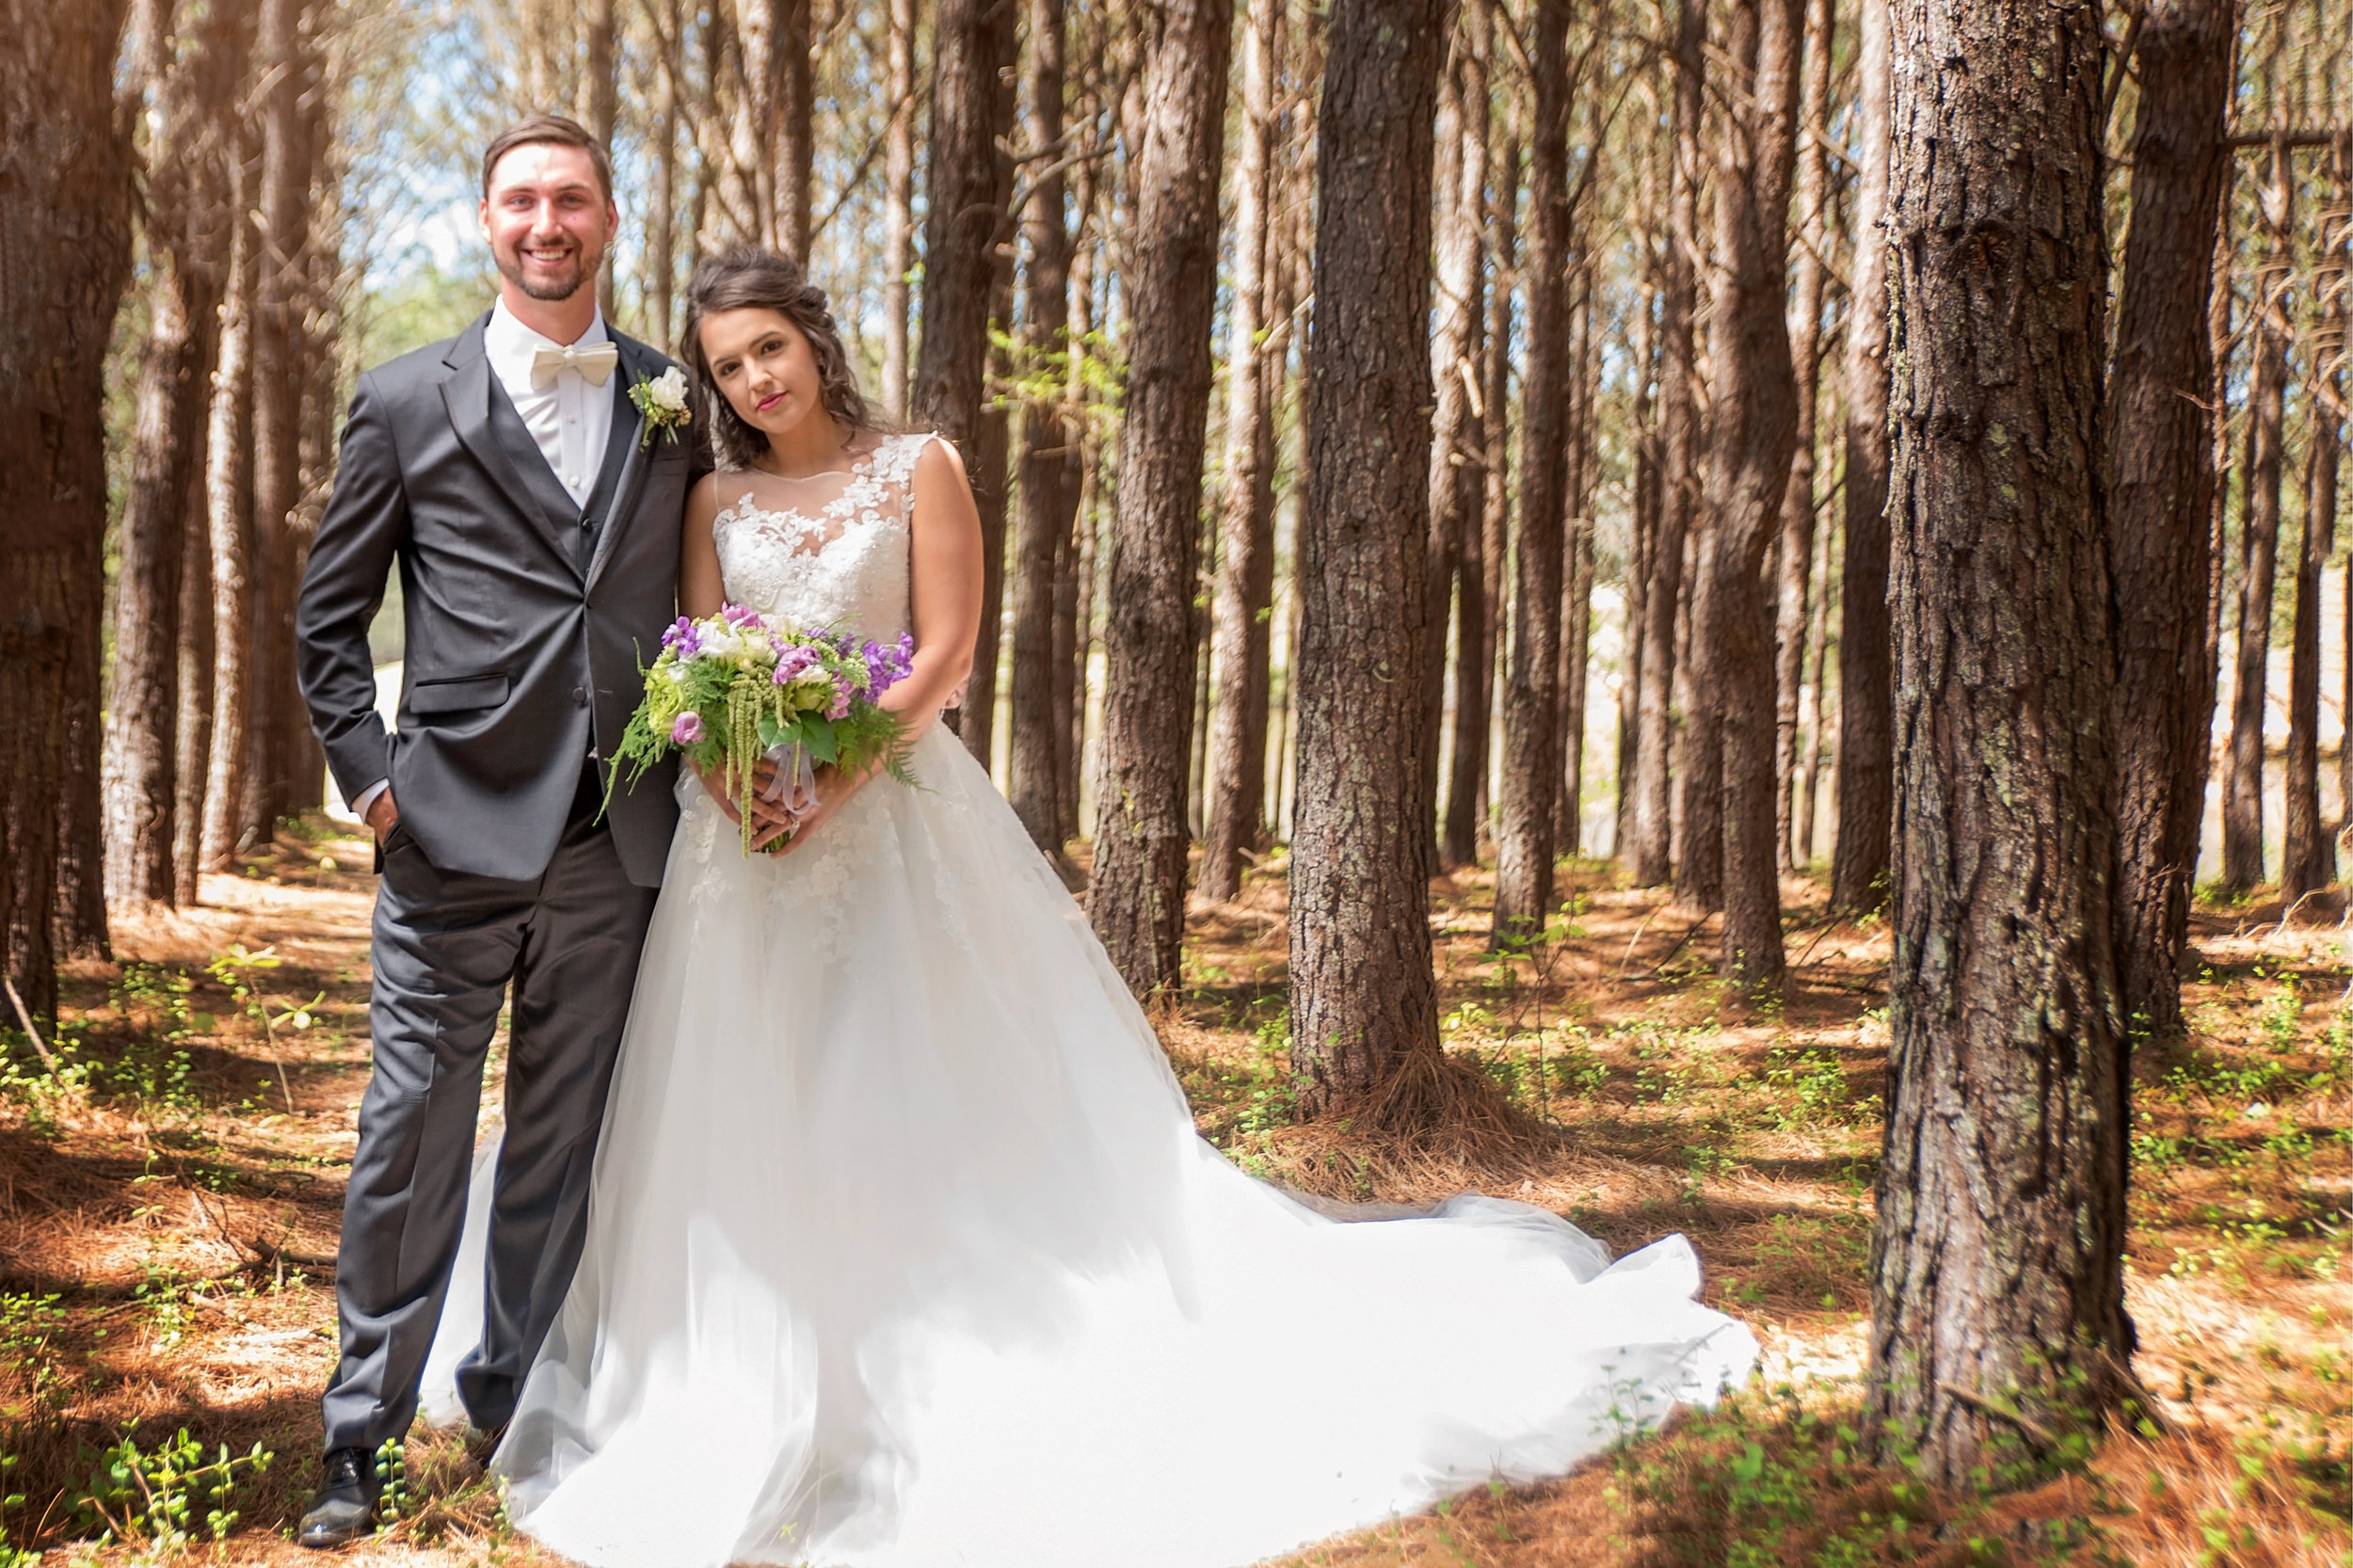 Wood Lakeside Events Wedding Expo 2017-JPEG-0060.jpg